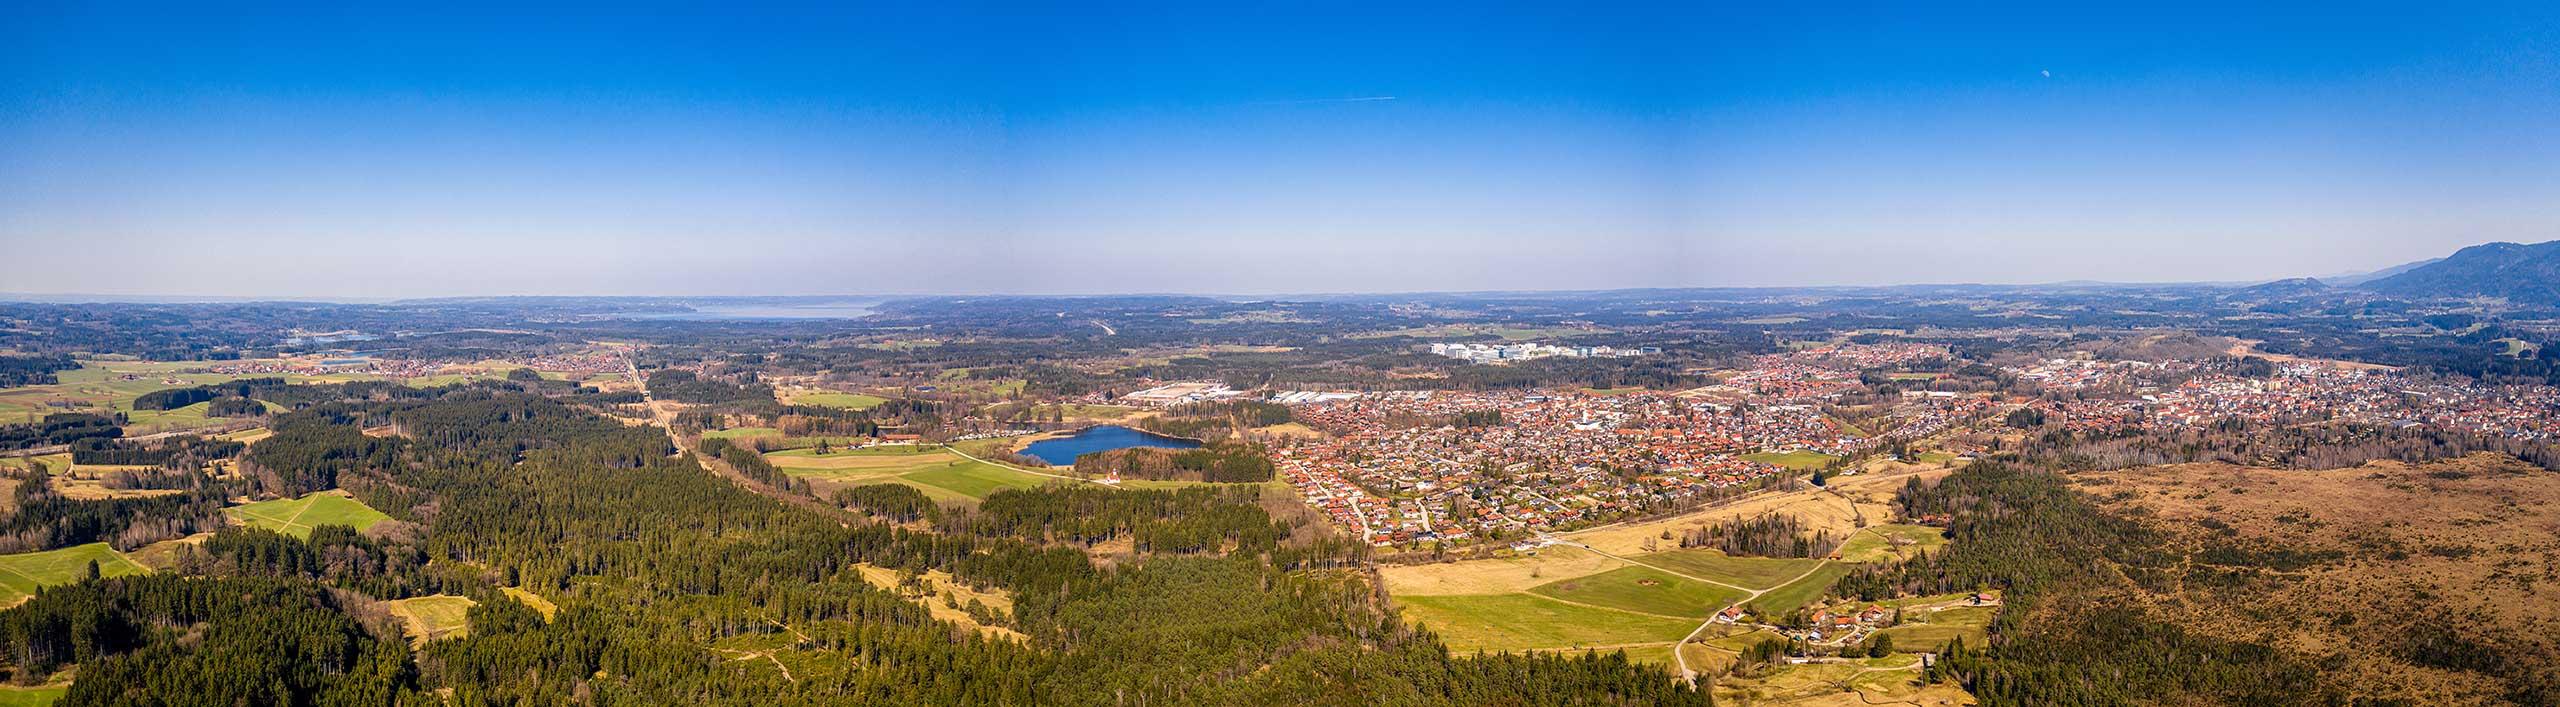 IGP: Stadt Penzberg